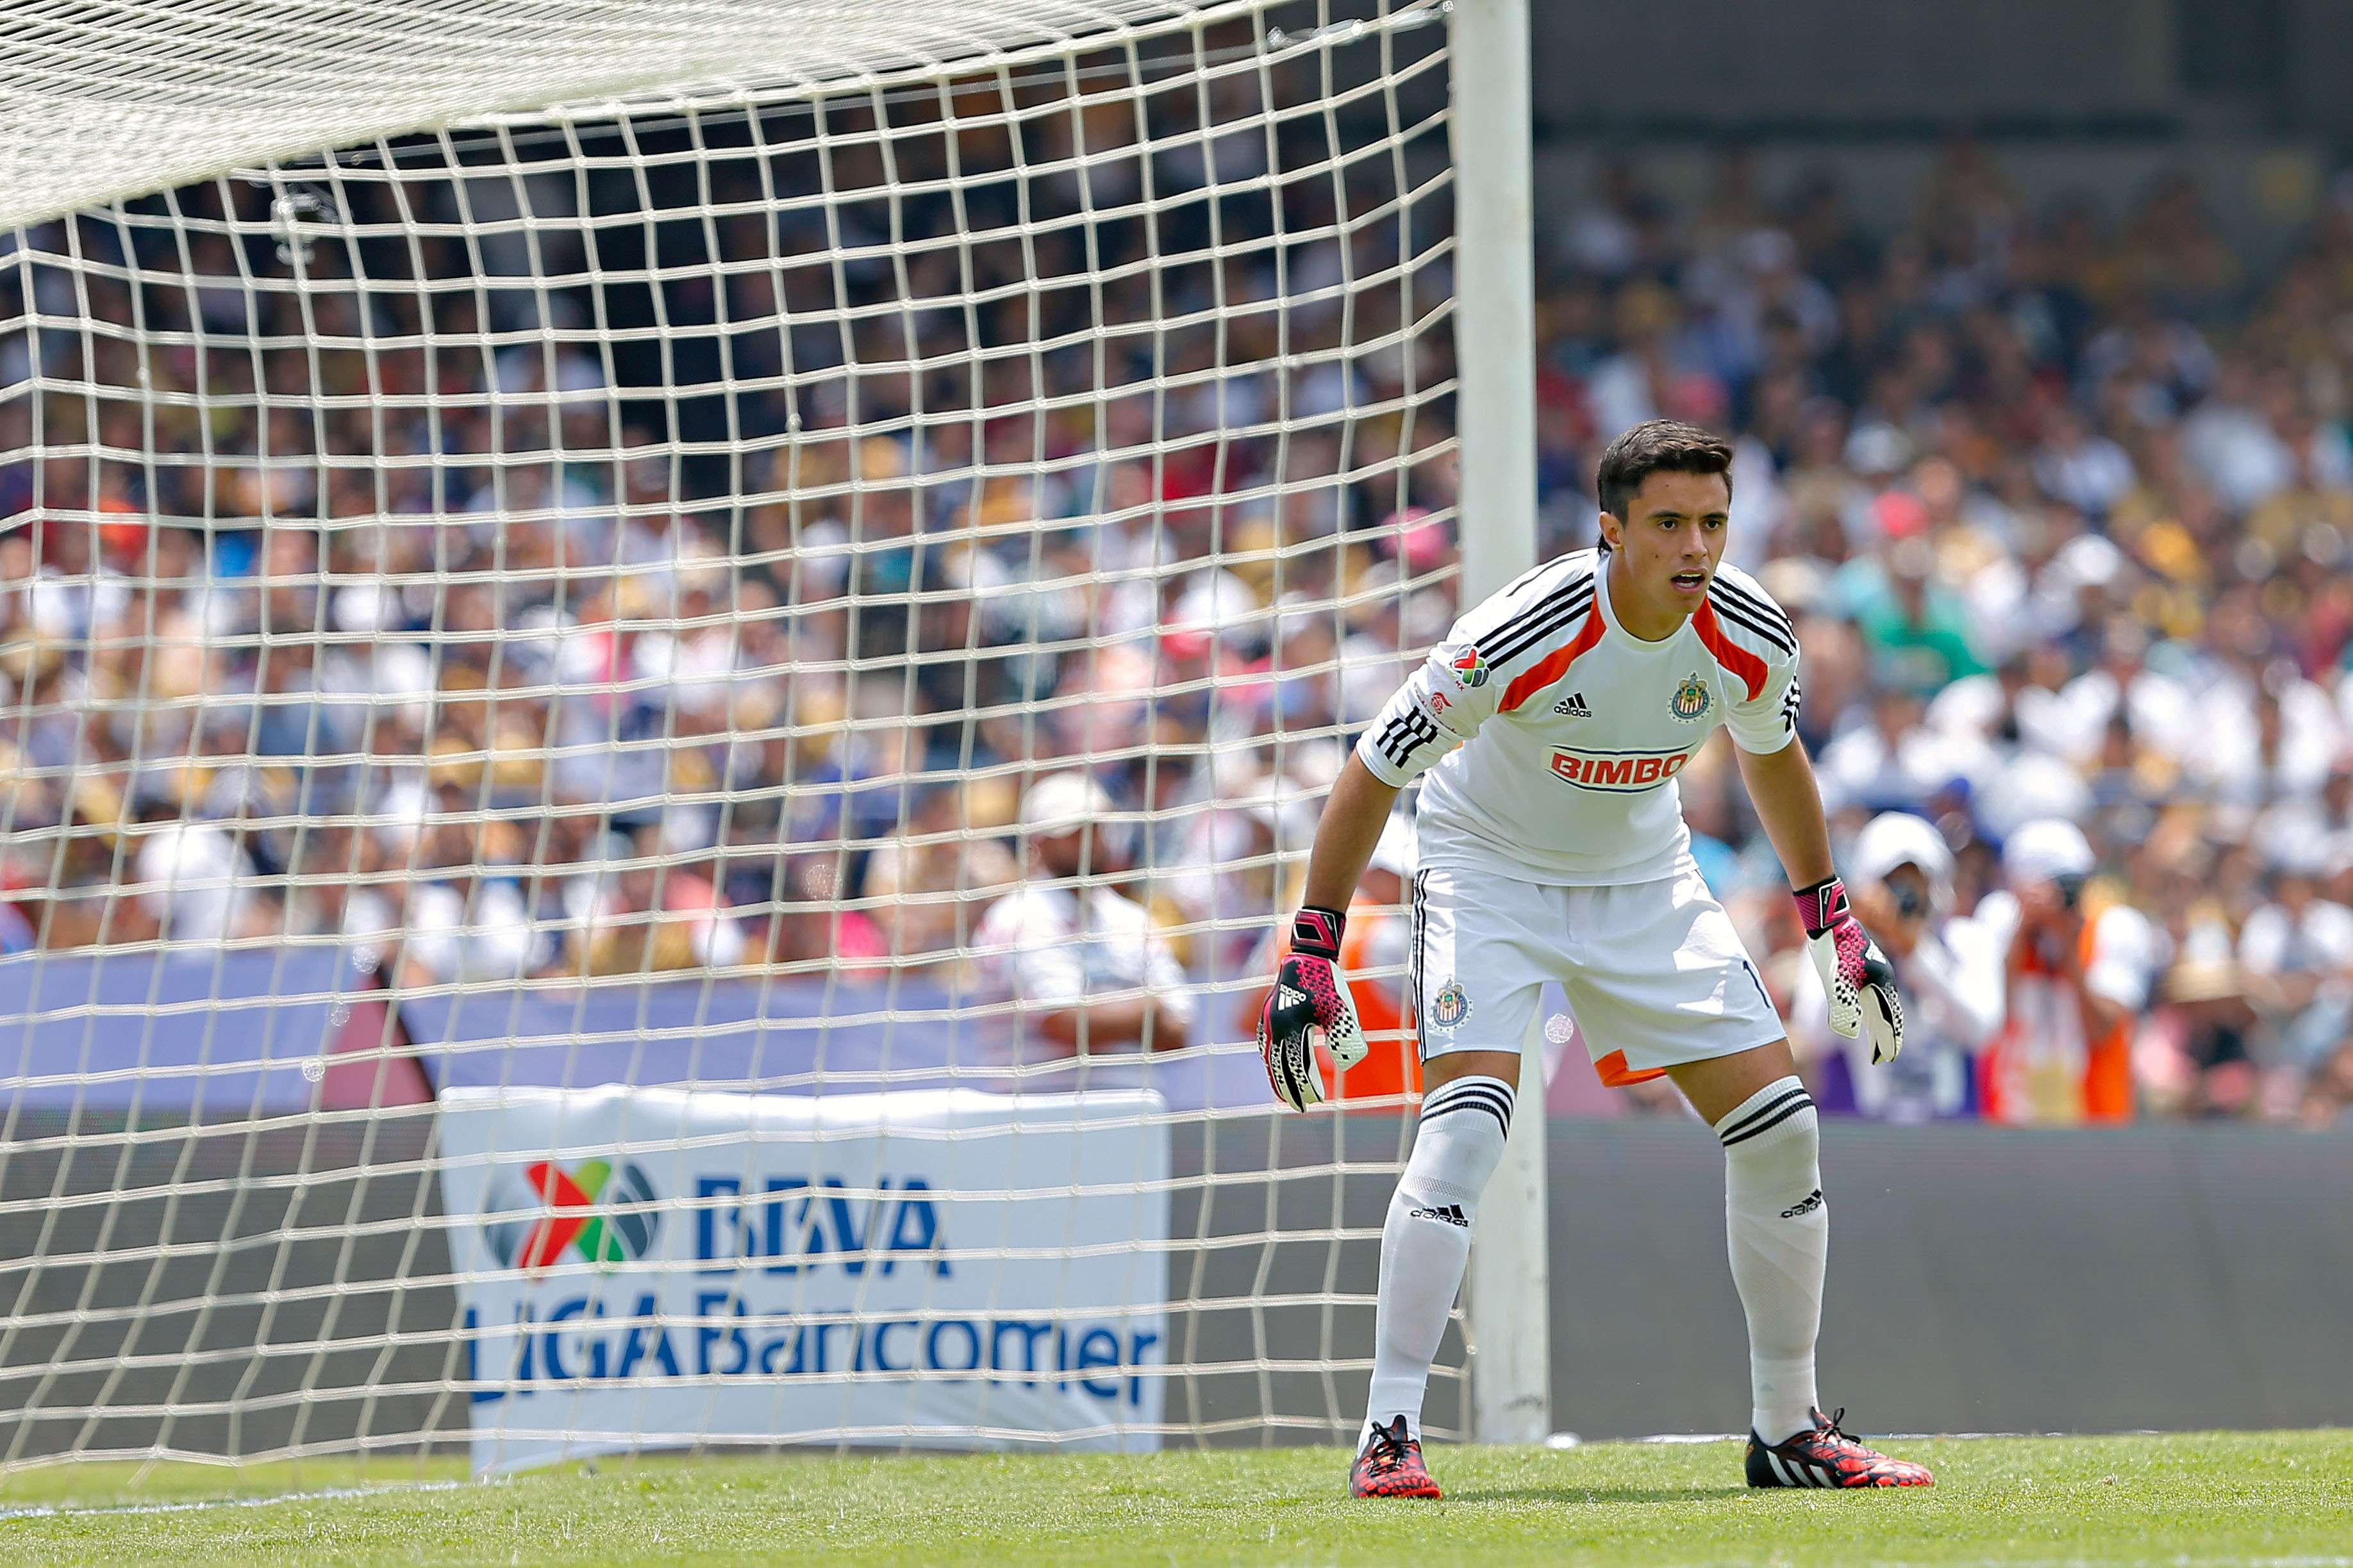 """""""Toño"""" Rodríguez y el Guadalajar buscan su primera victoria como locales este torneo. Foto: Imago 7"""